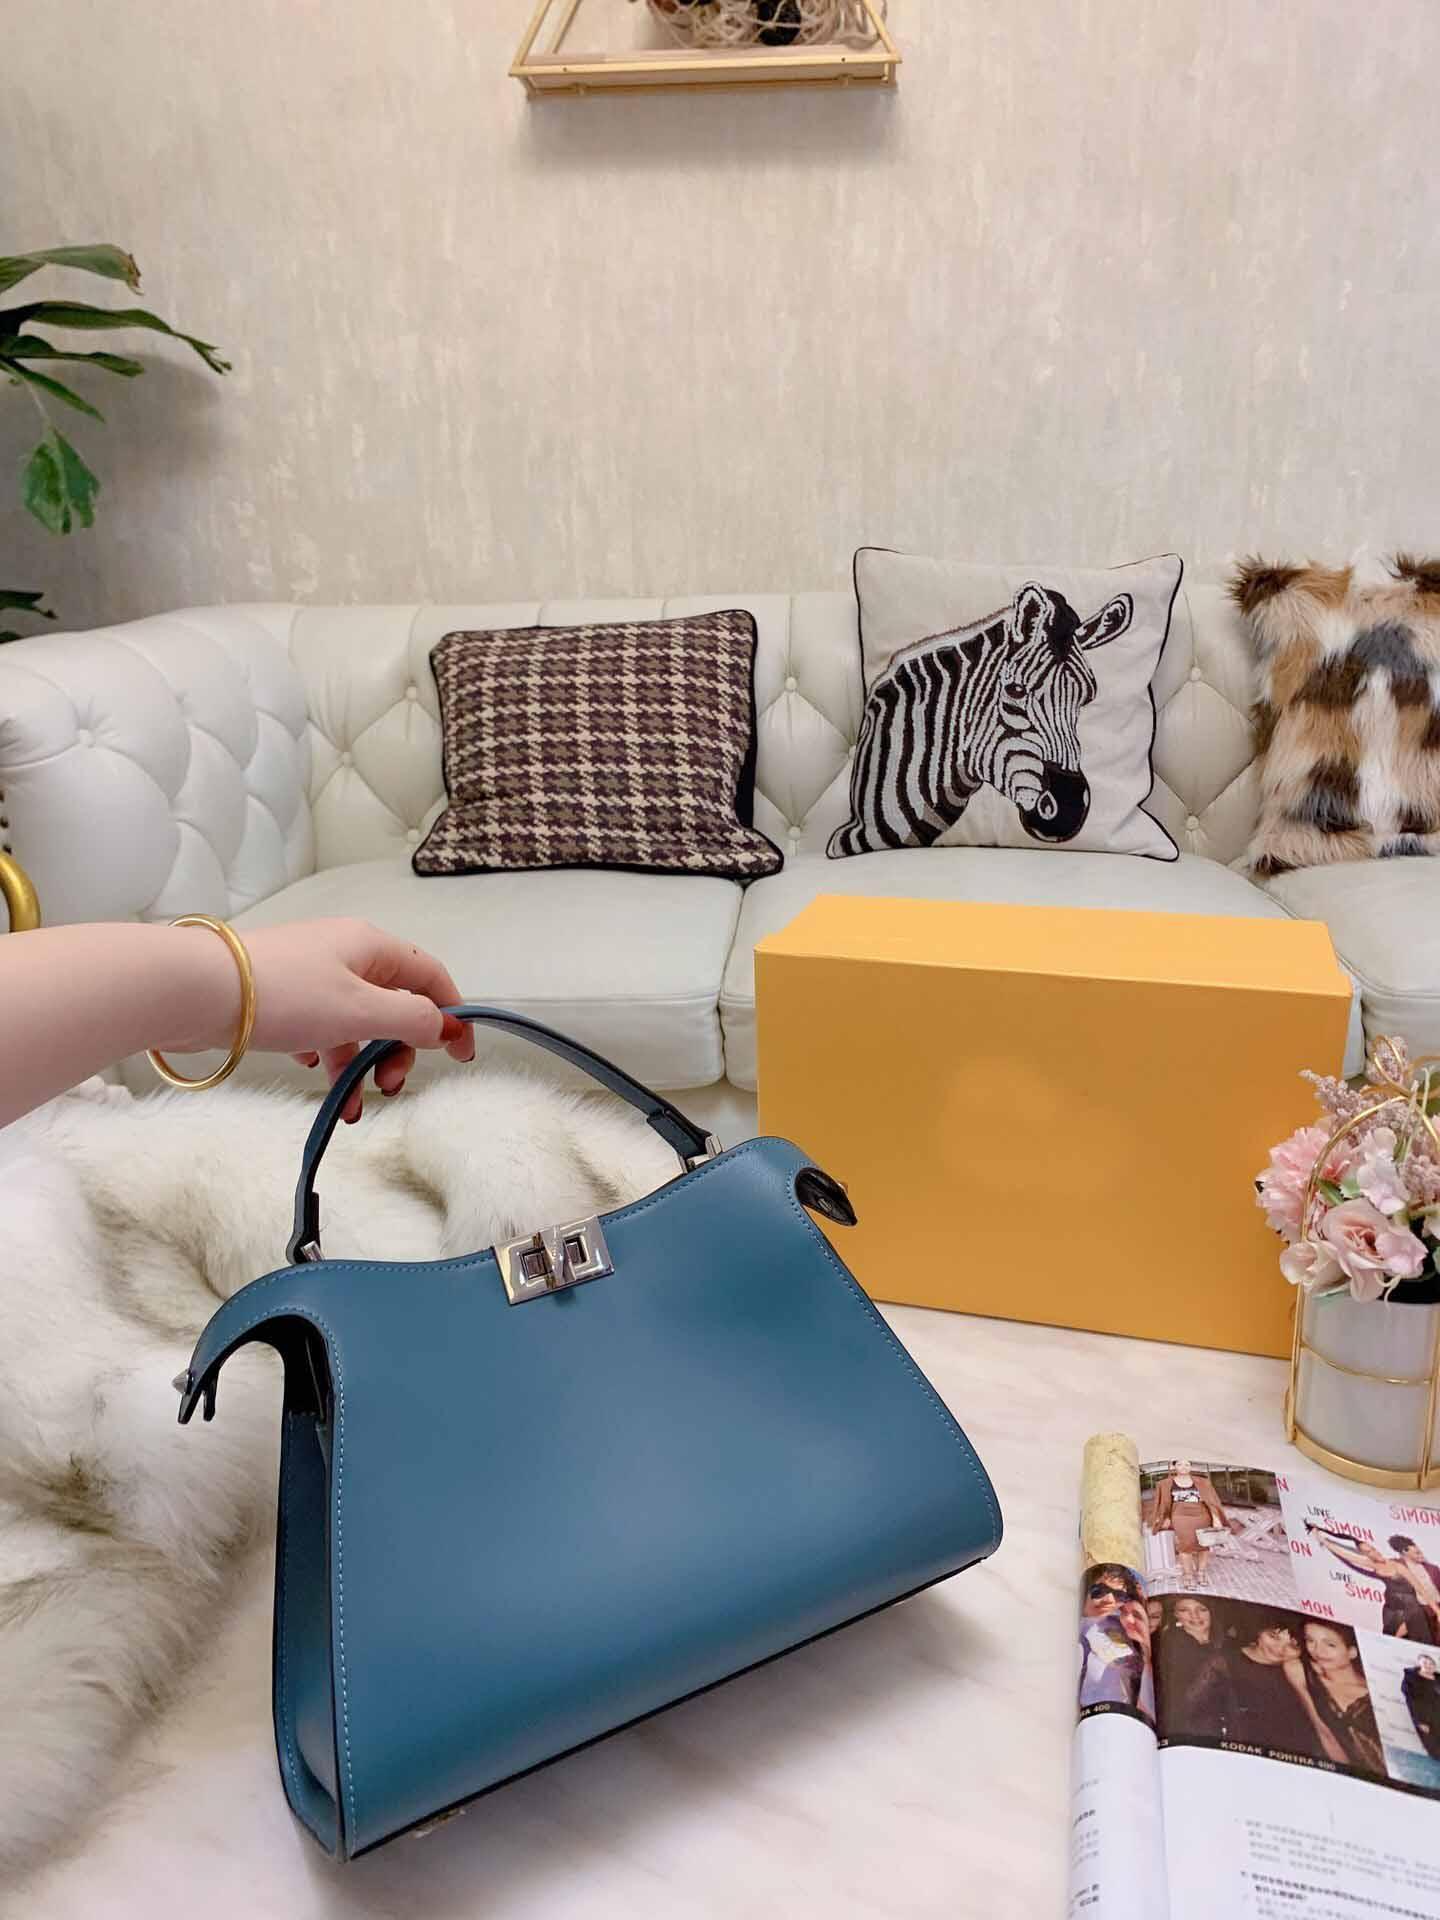 donne Nuove borse del progettista di arrivo della borsa in vera pelle di lusso delle donne borsa a tracolla corssbody per 28 centimetri femminile di vendita di trasporto